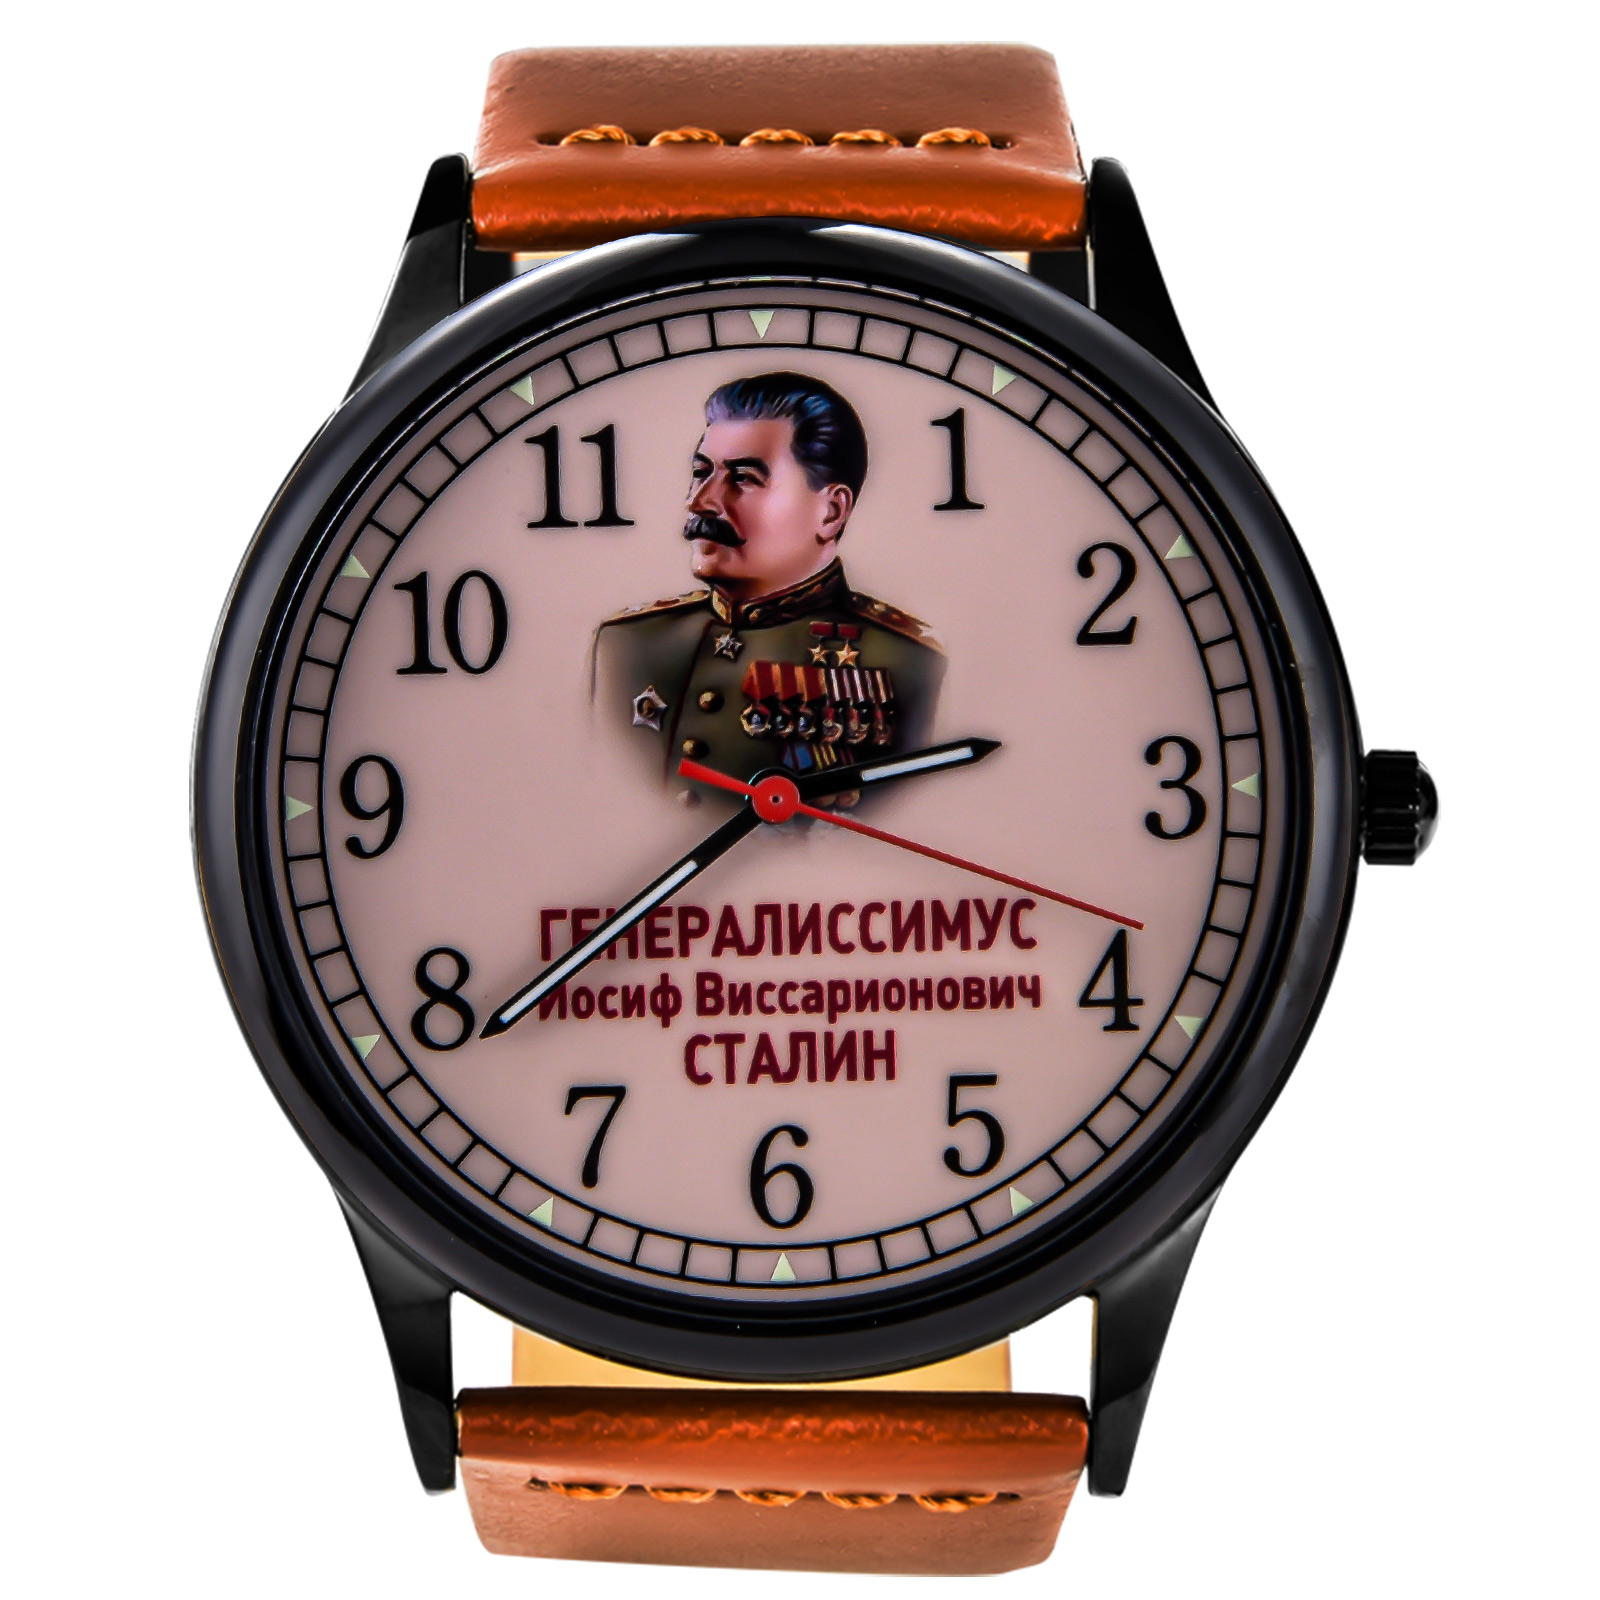 Часы со Сталиным